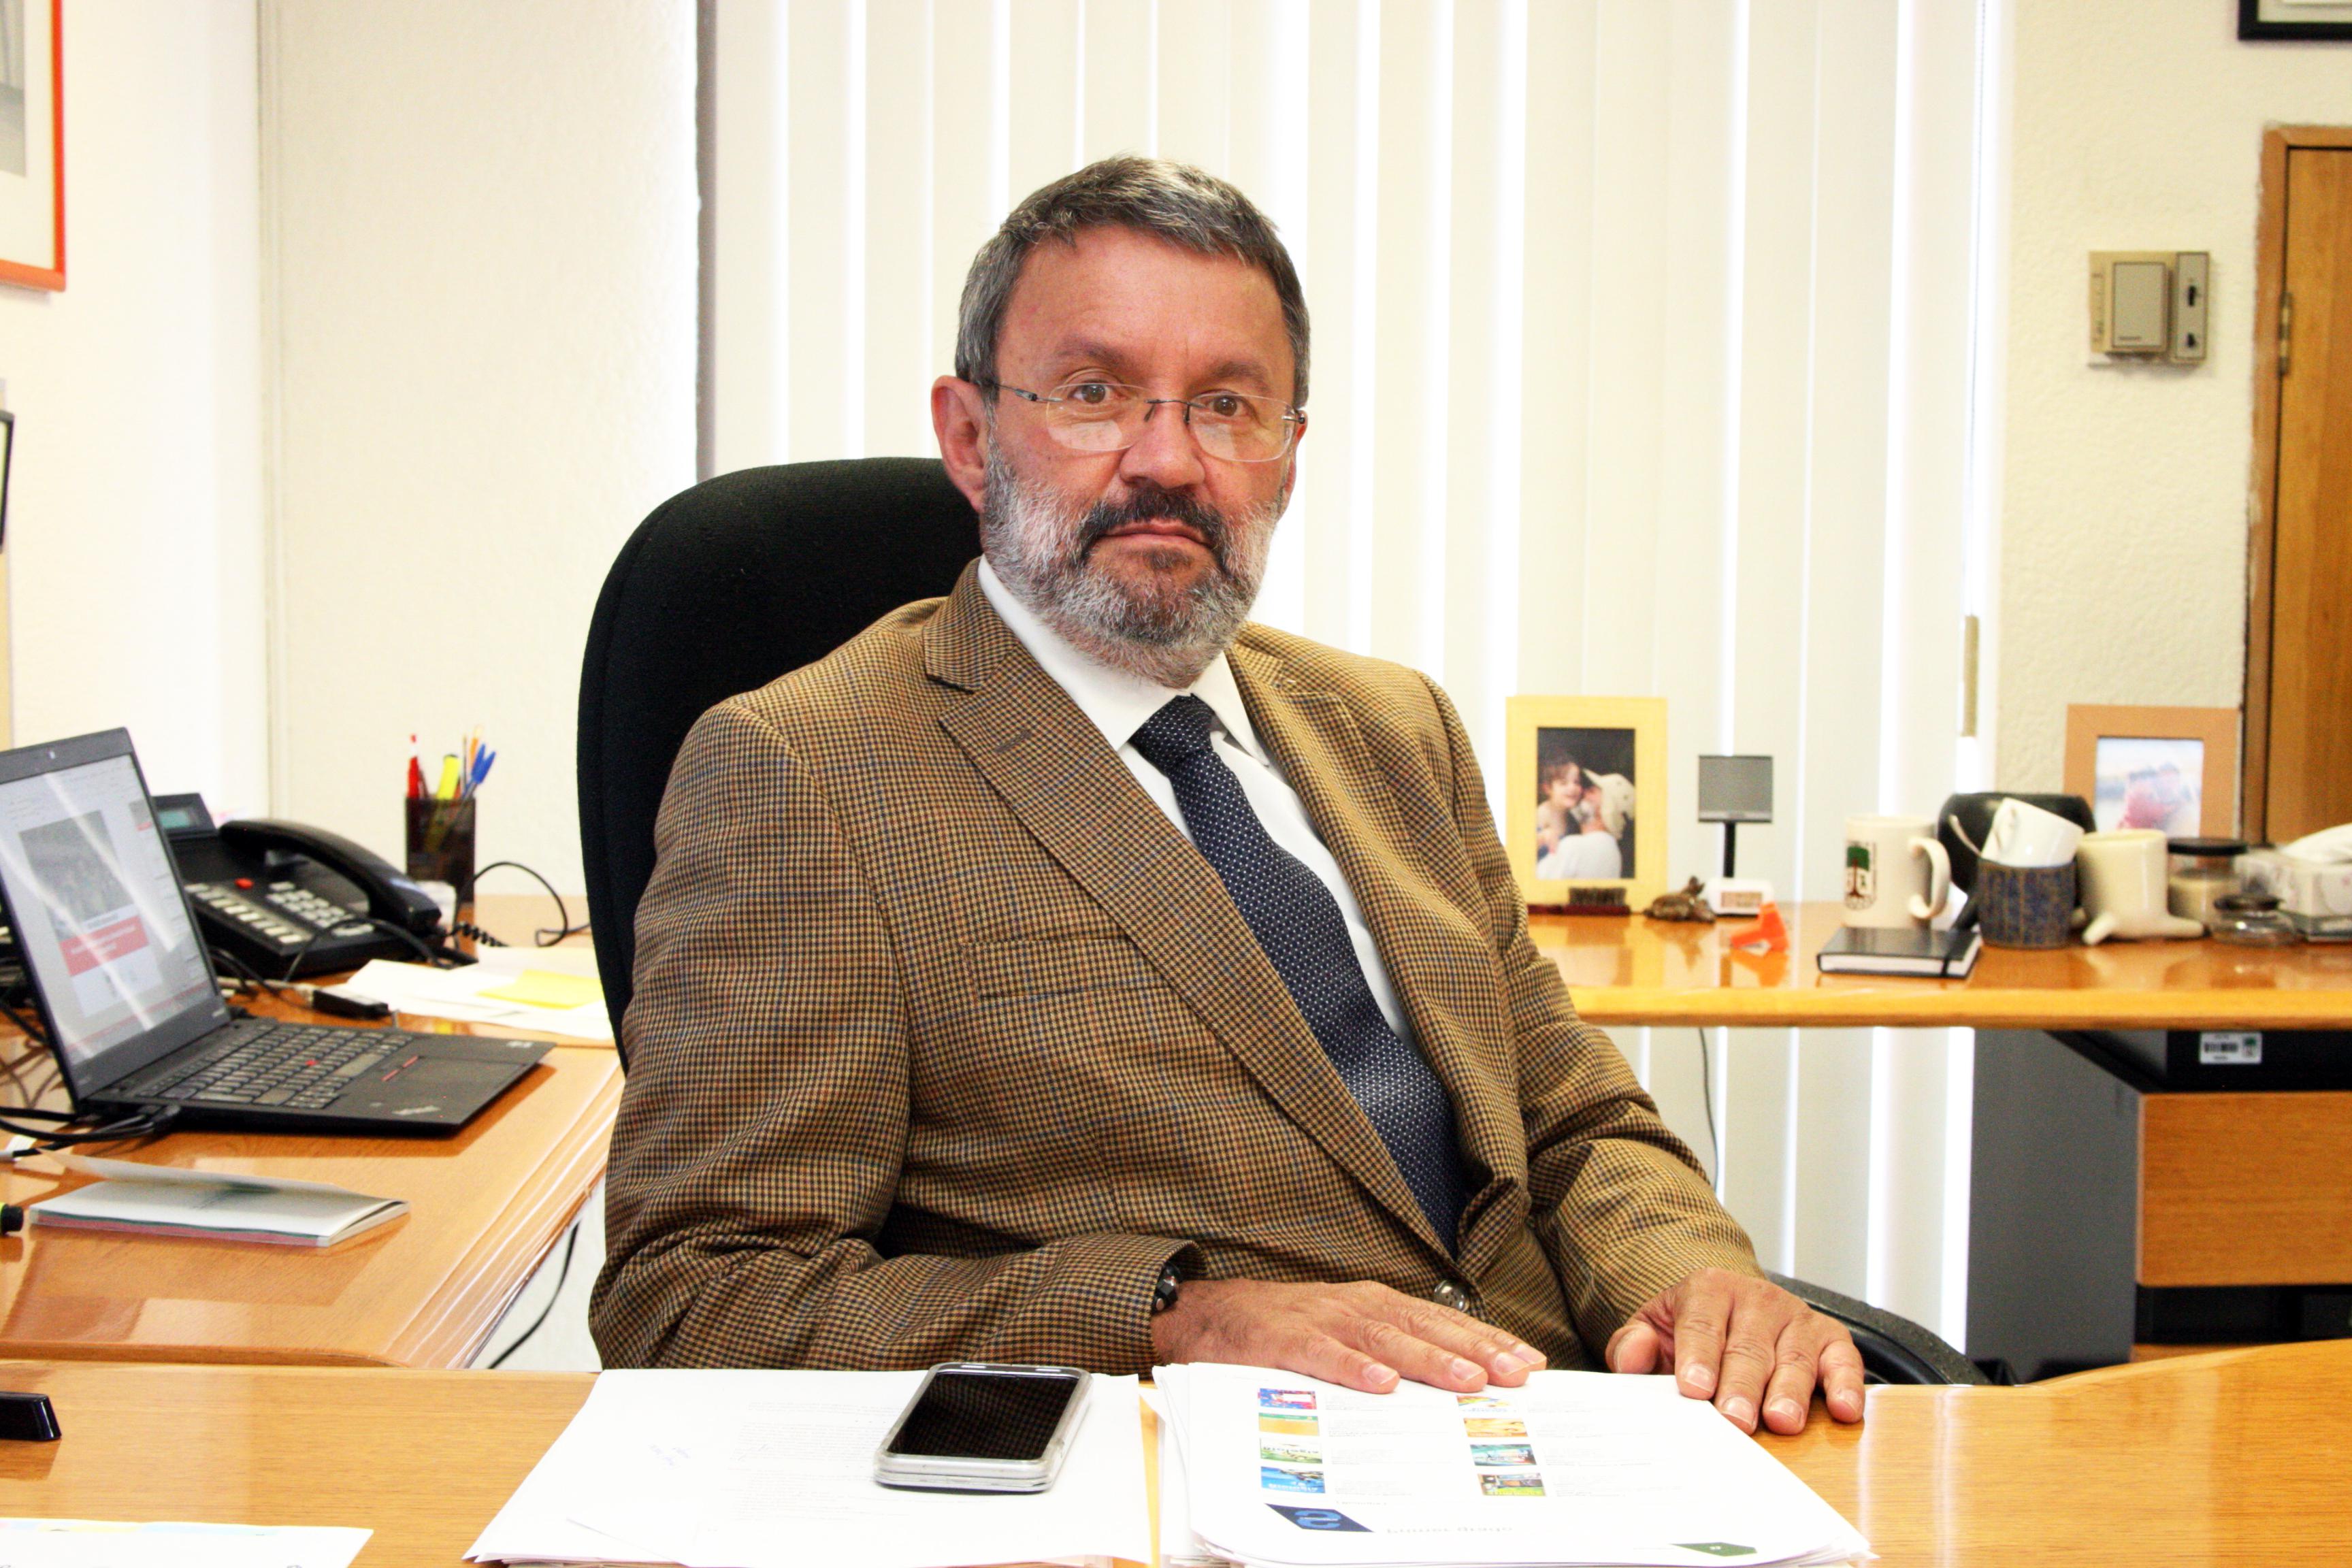 Coordinador Editorial. José Alejandro Valles Santo Tomás